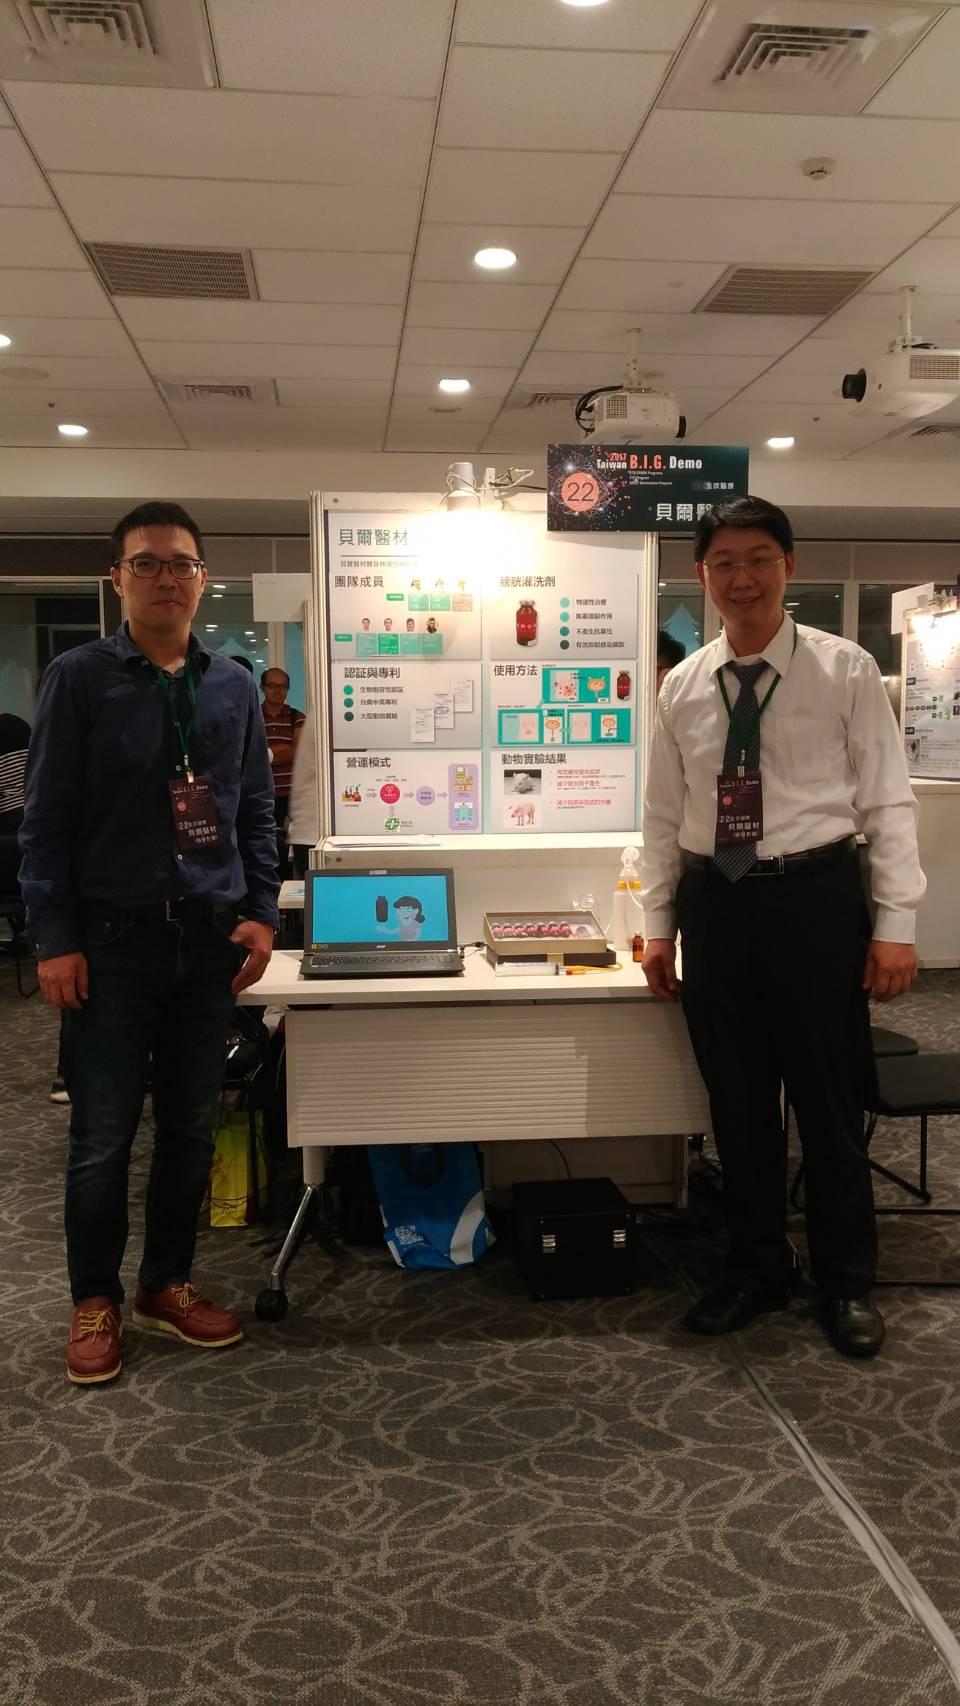 「貝爾醫材」成員洪銘謙博士與黃聖洋博士 於科技部BIG. DEMO展示